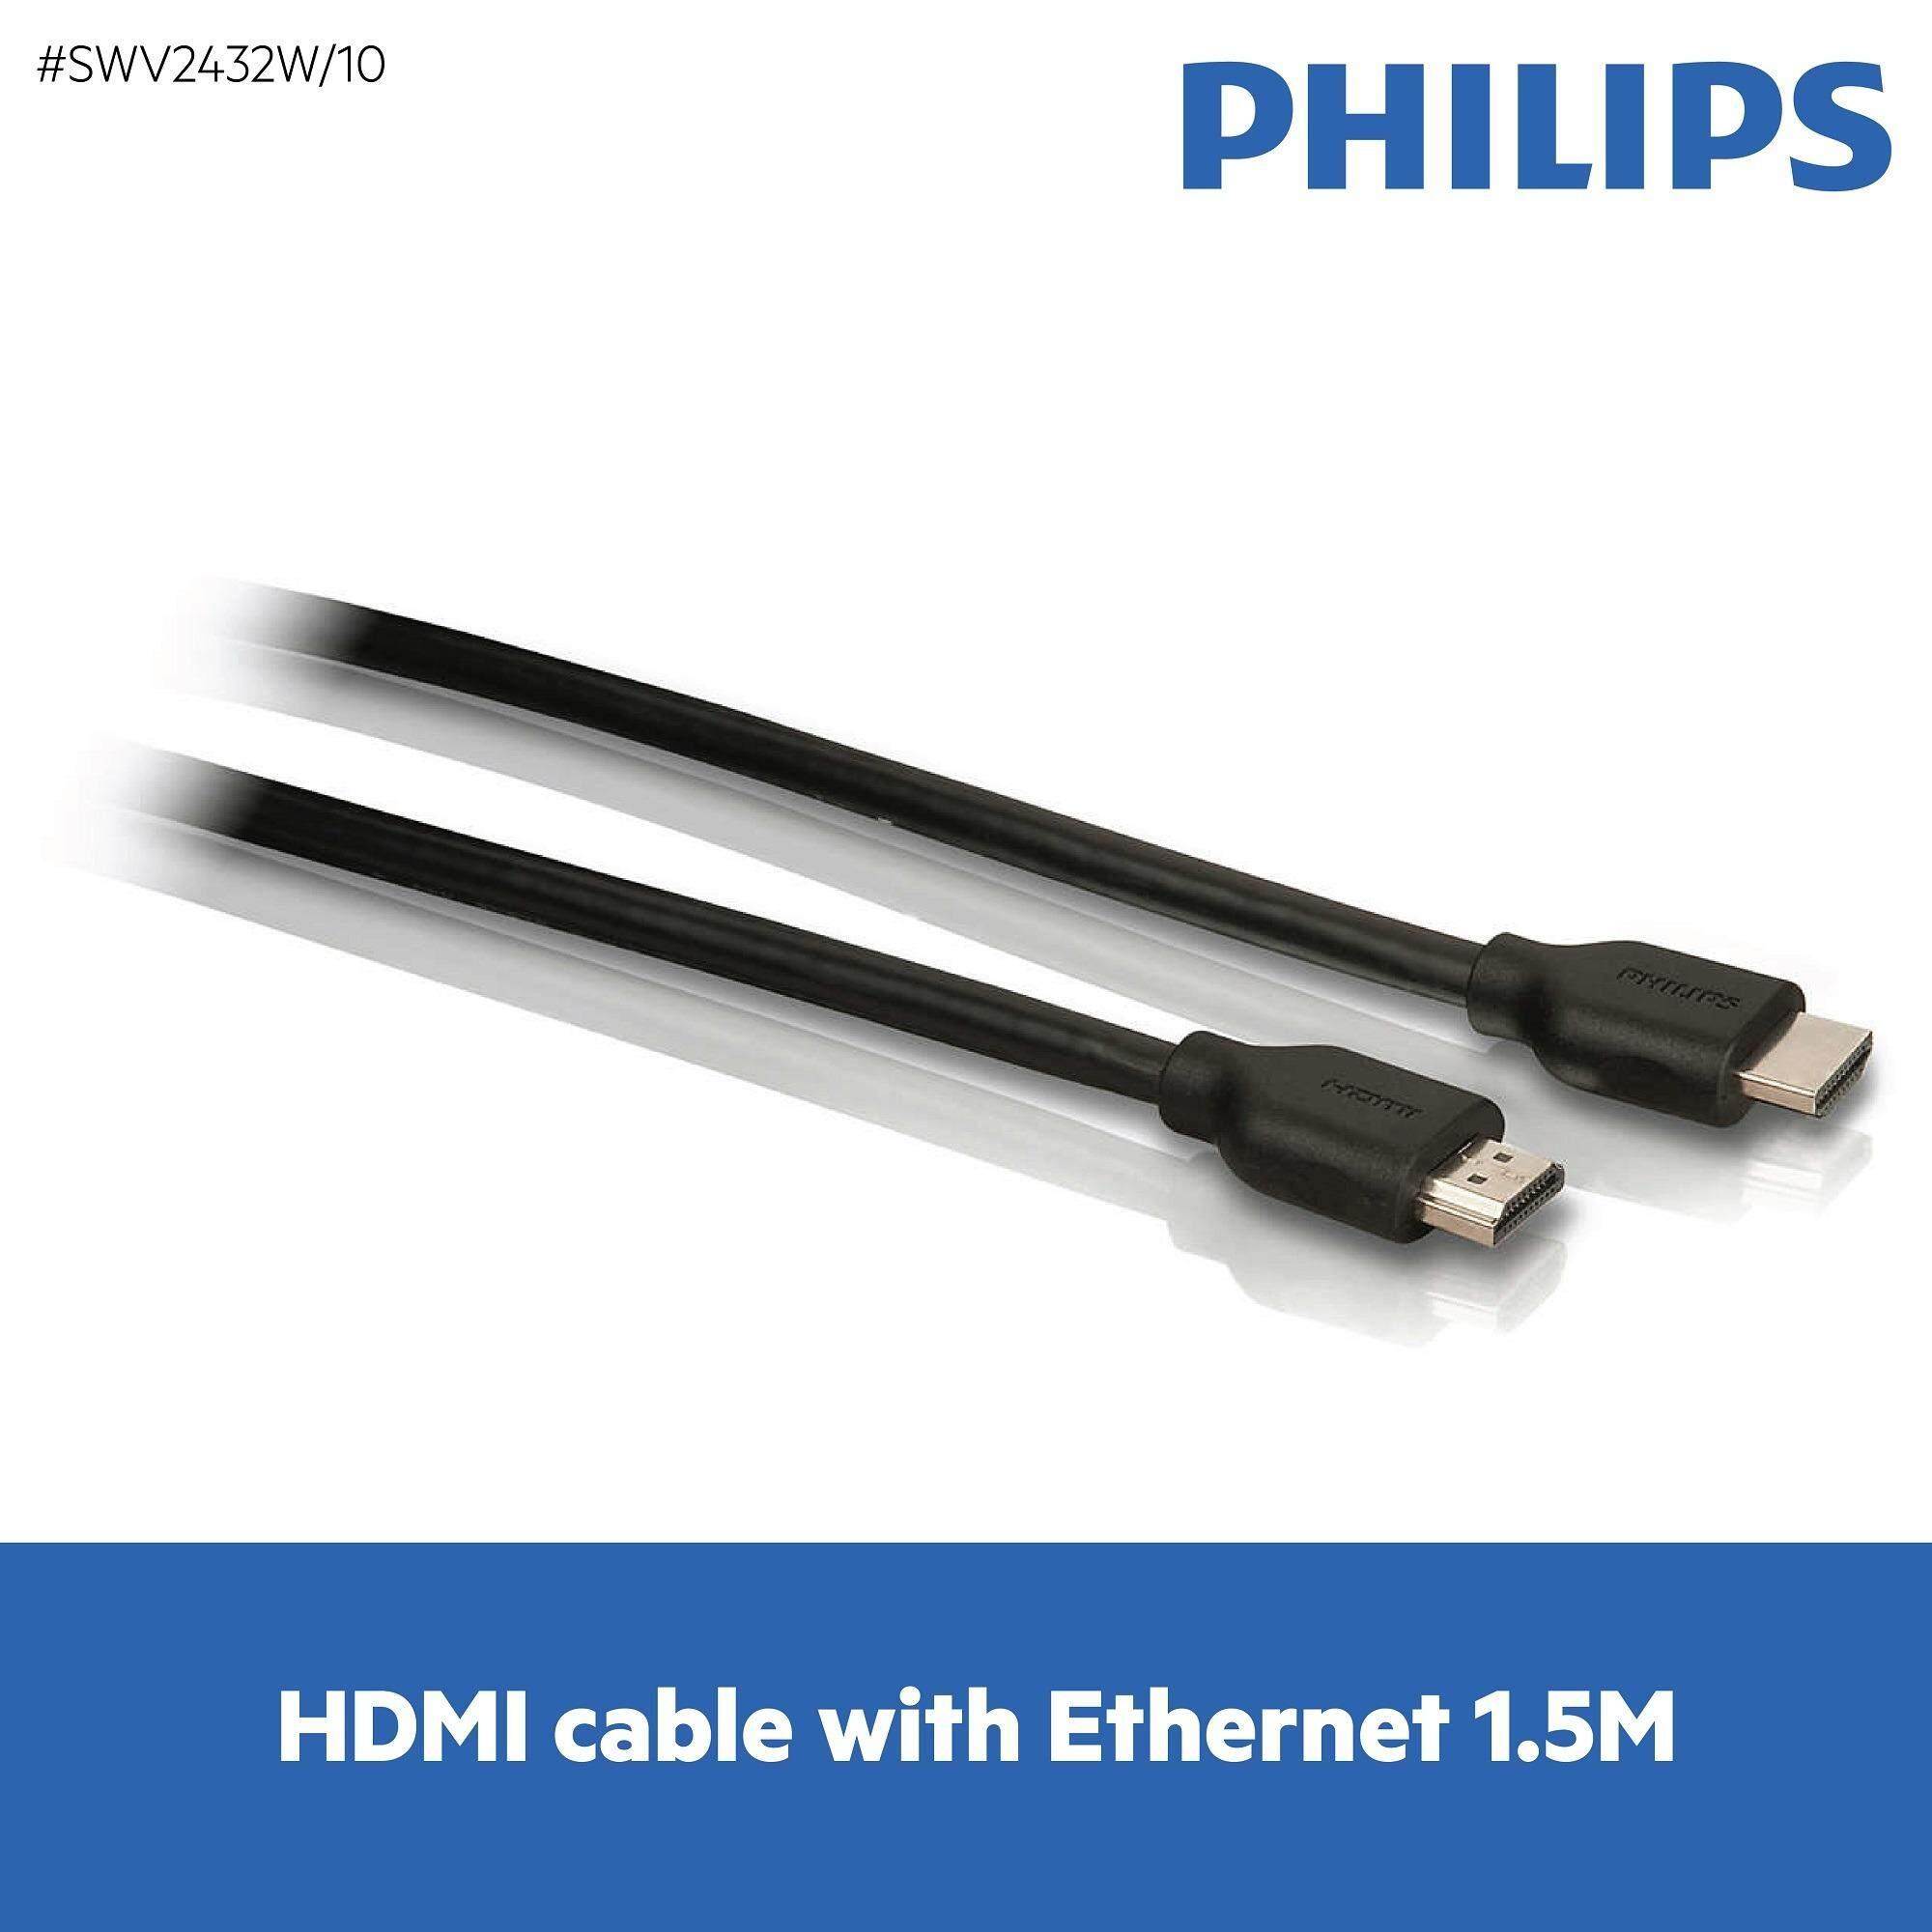 ซื้อ Philips สายส่งสัญญาณ Hdmi รุ่น Philips Swv2432W 10 Hdmi Cable With Ethernet 1 5M Philips เป็นต้นฉบับ